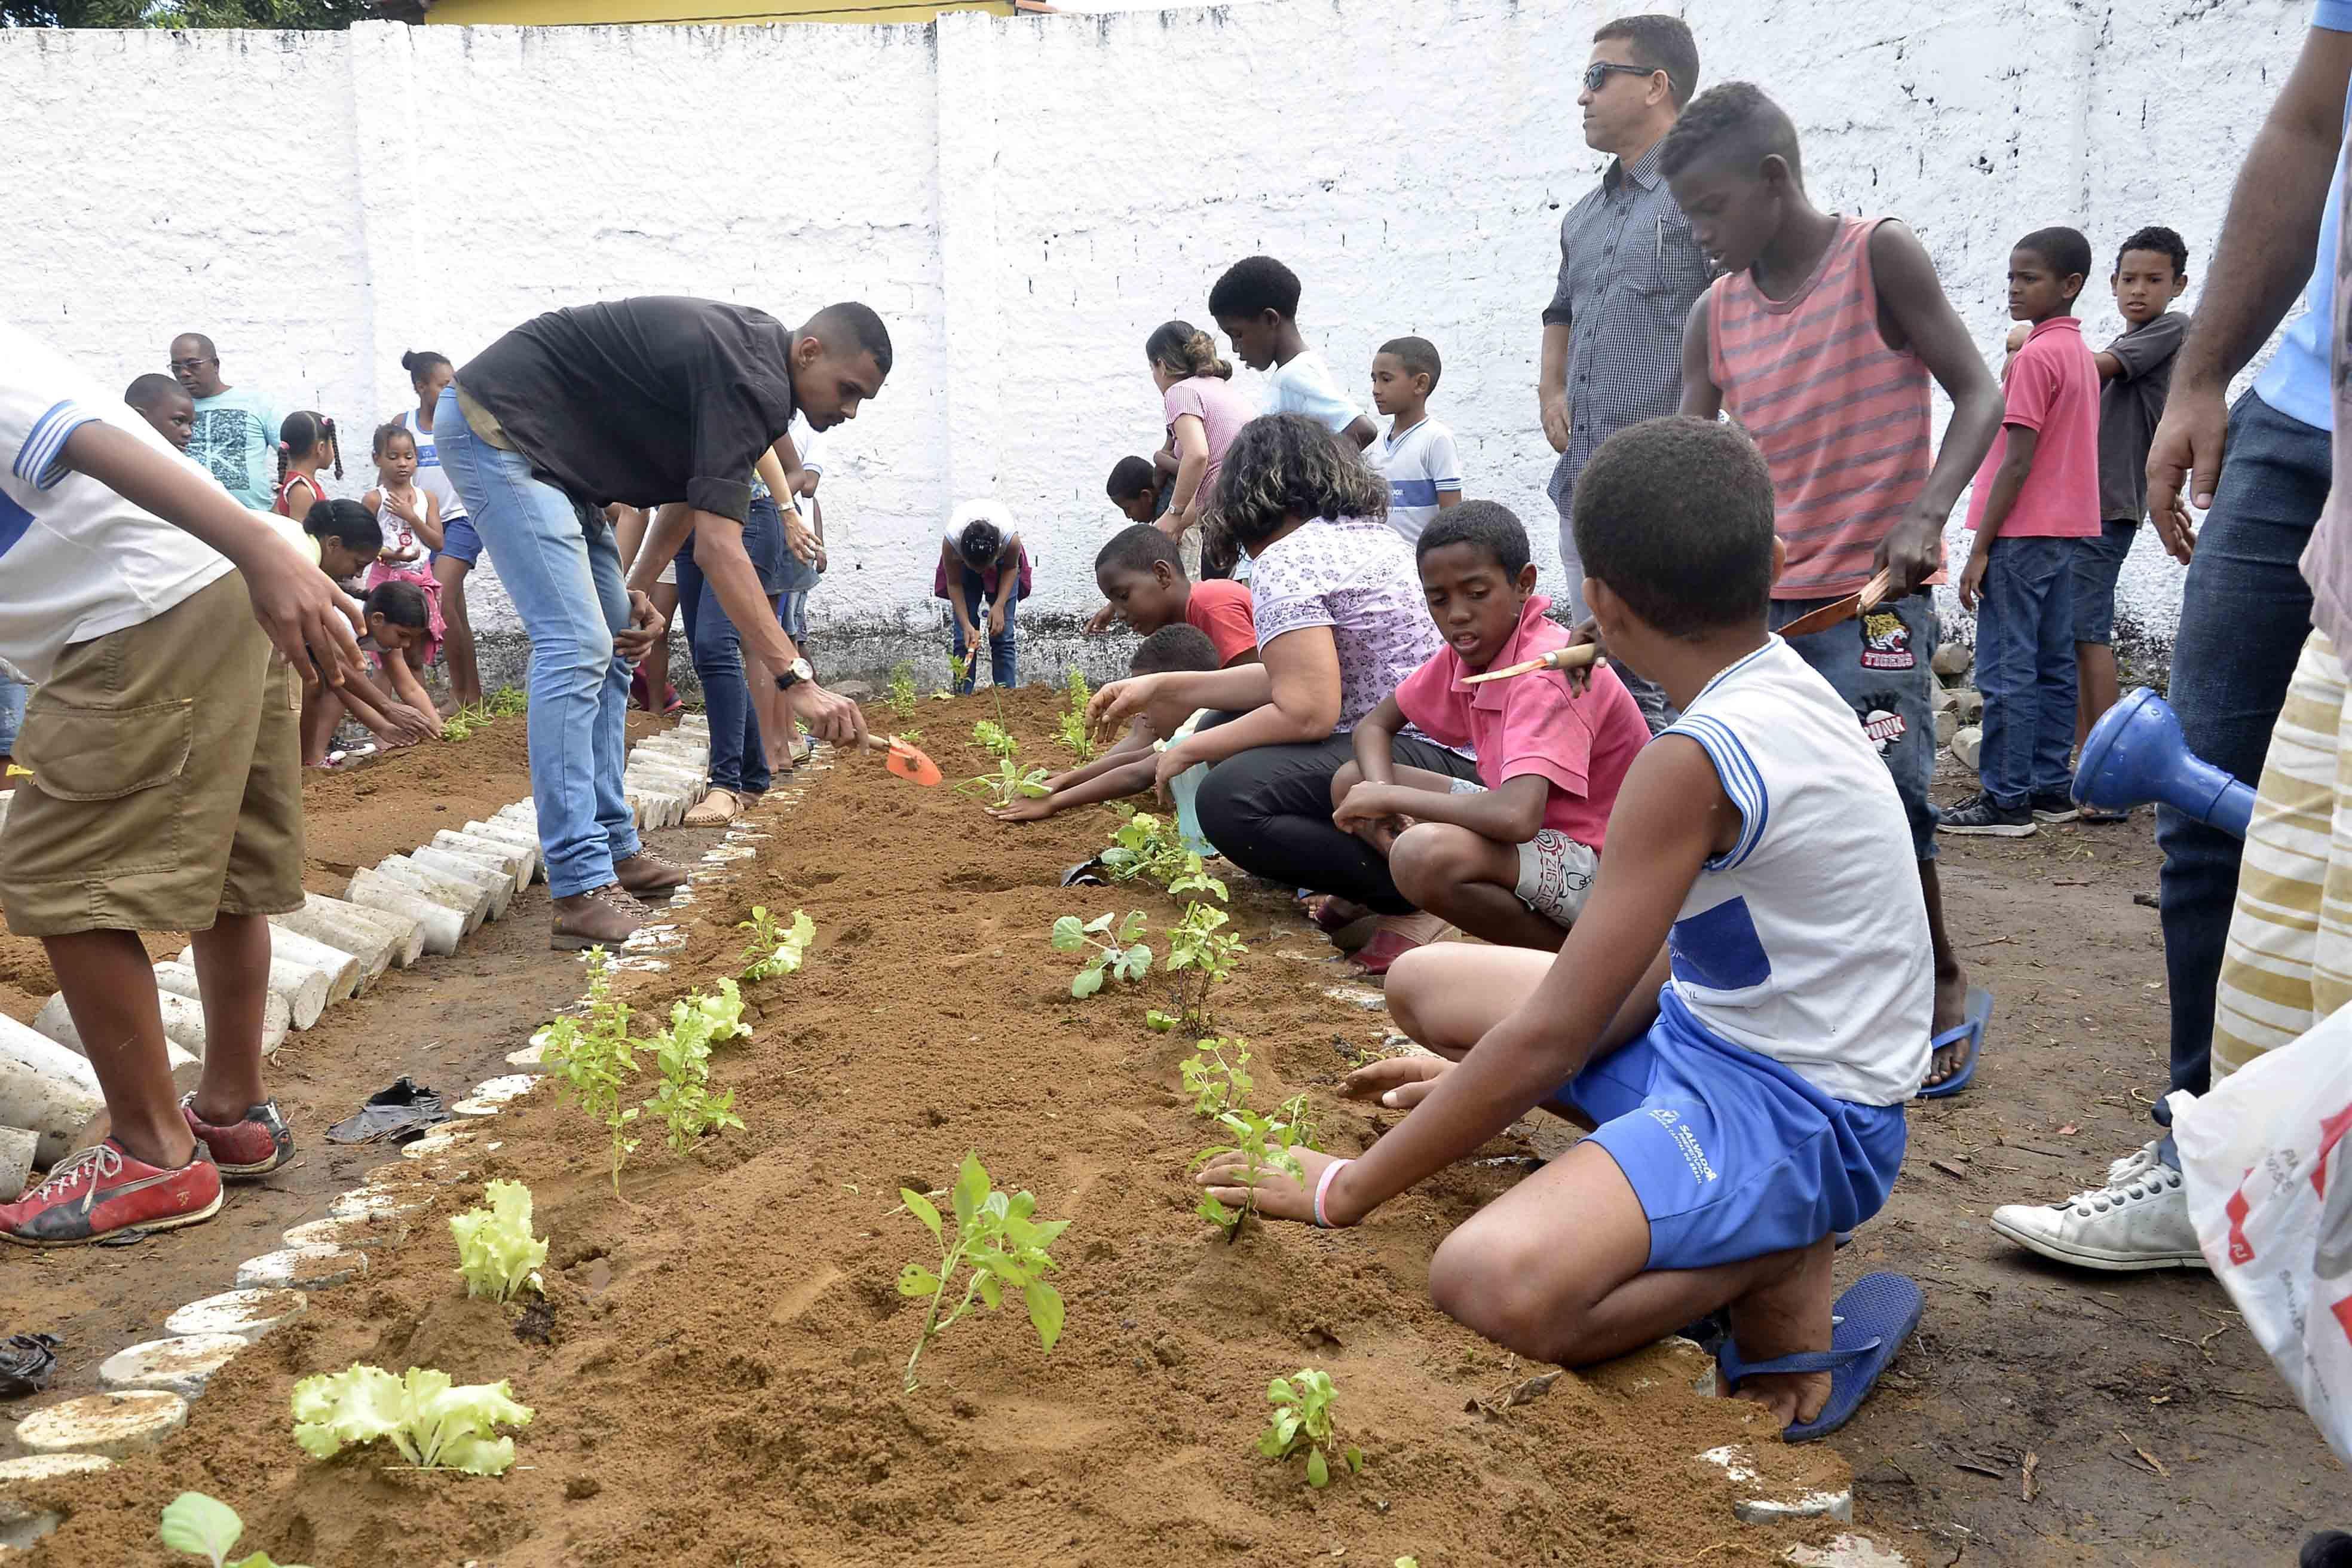 Agropecuária - geral - hortas comunitárias